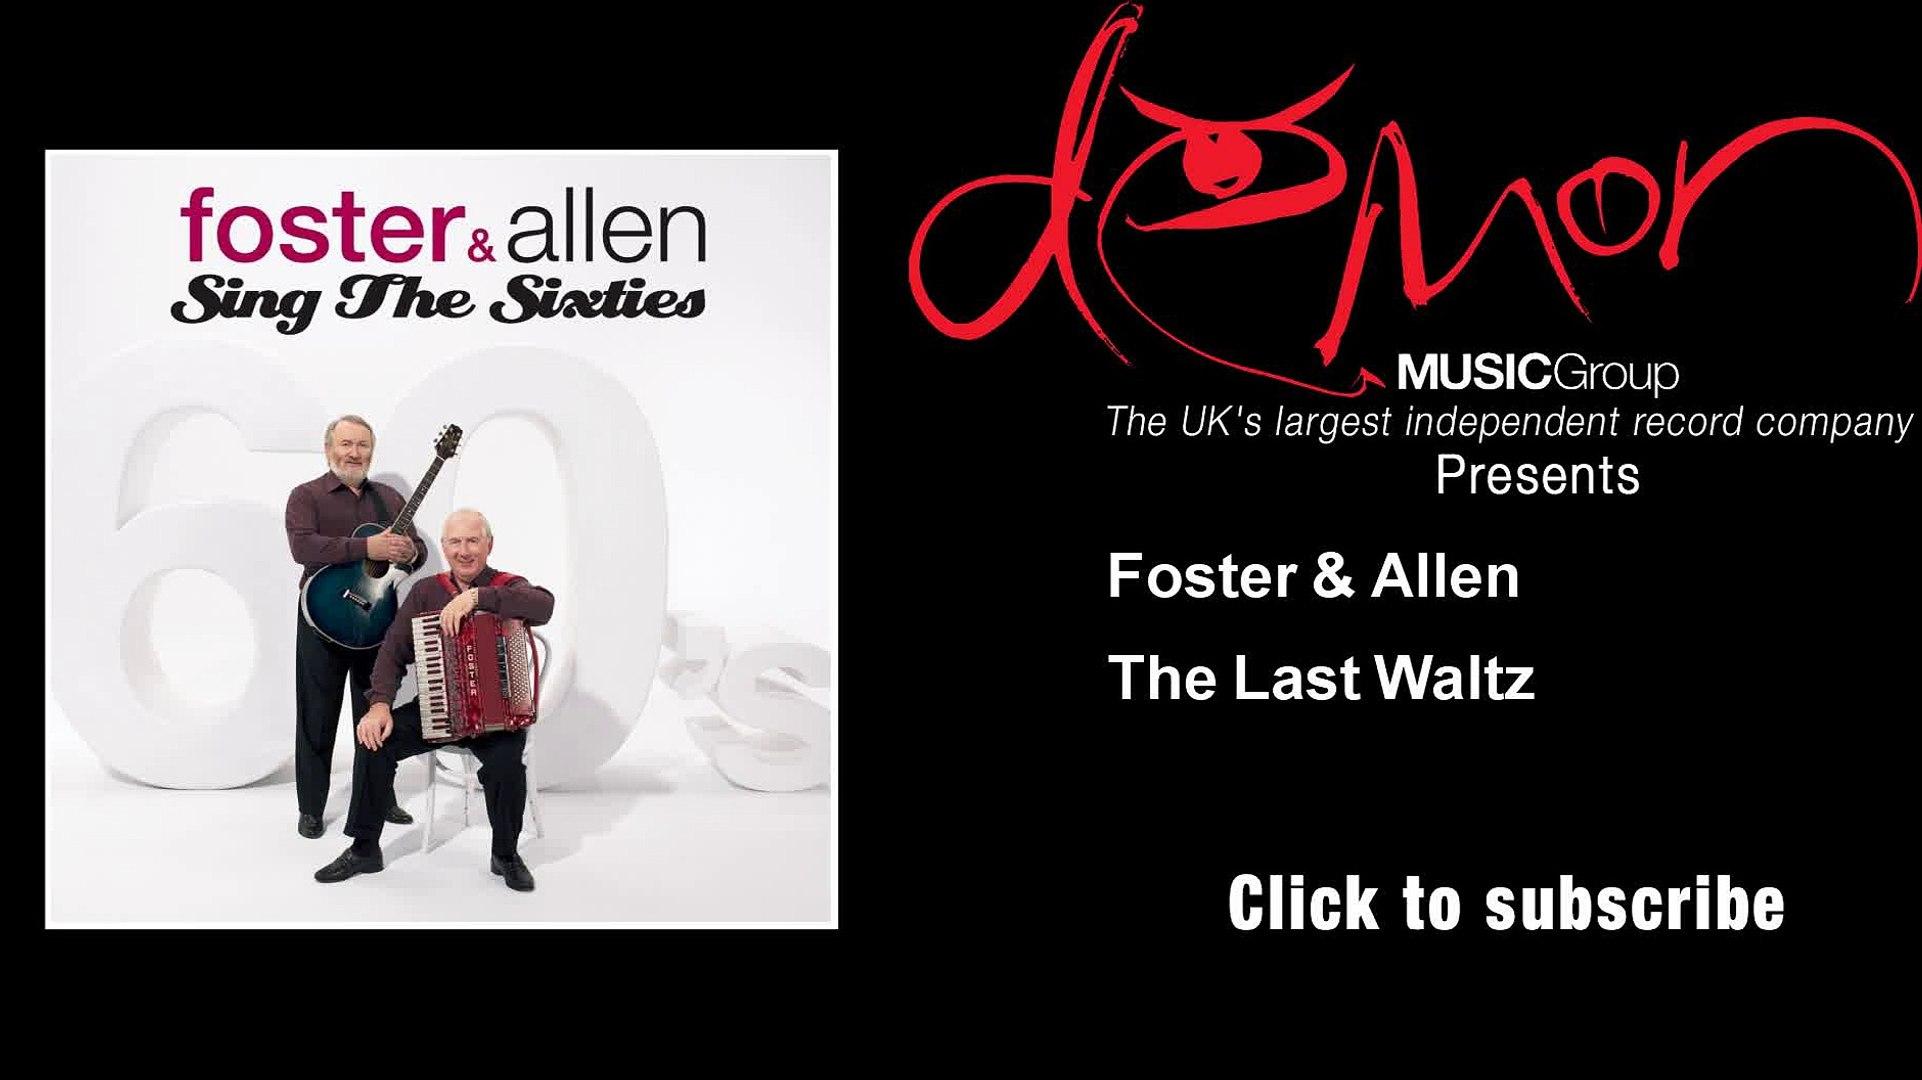 Foster & Allen - The Last Waltz